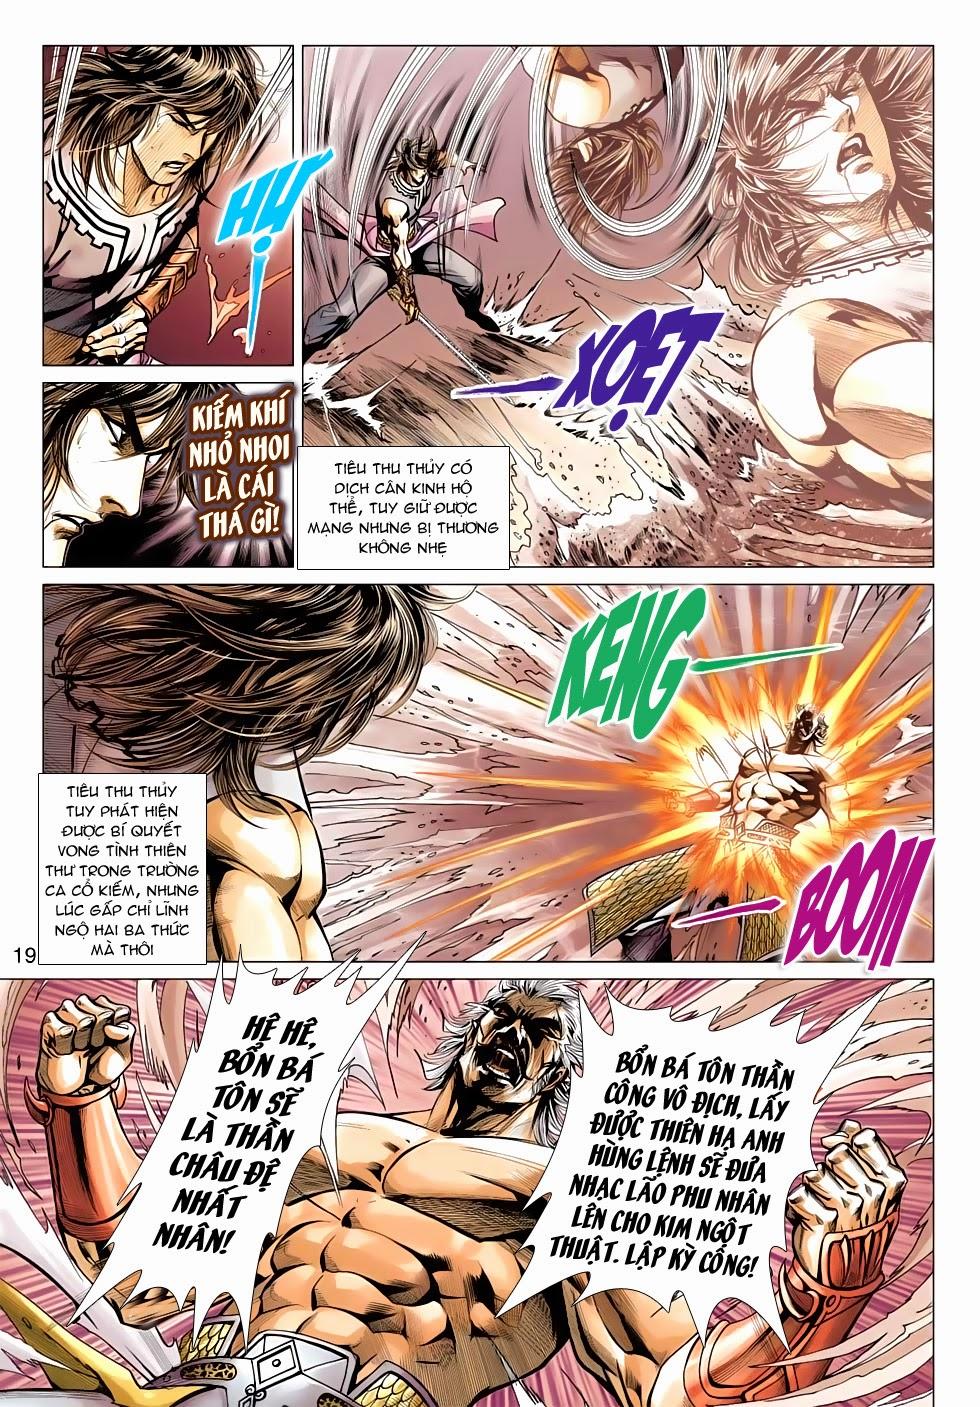 Thần Châu Kỳ Hiệp chap 32 – End Trang 19 - Mangak.info